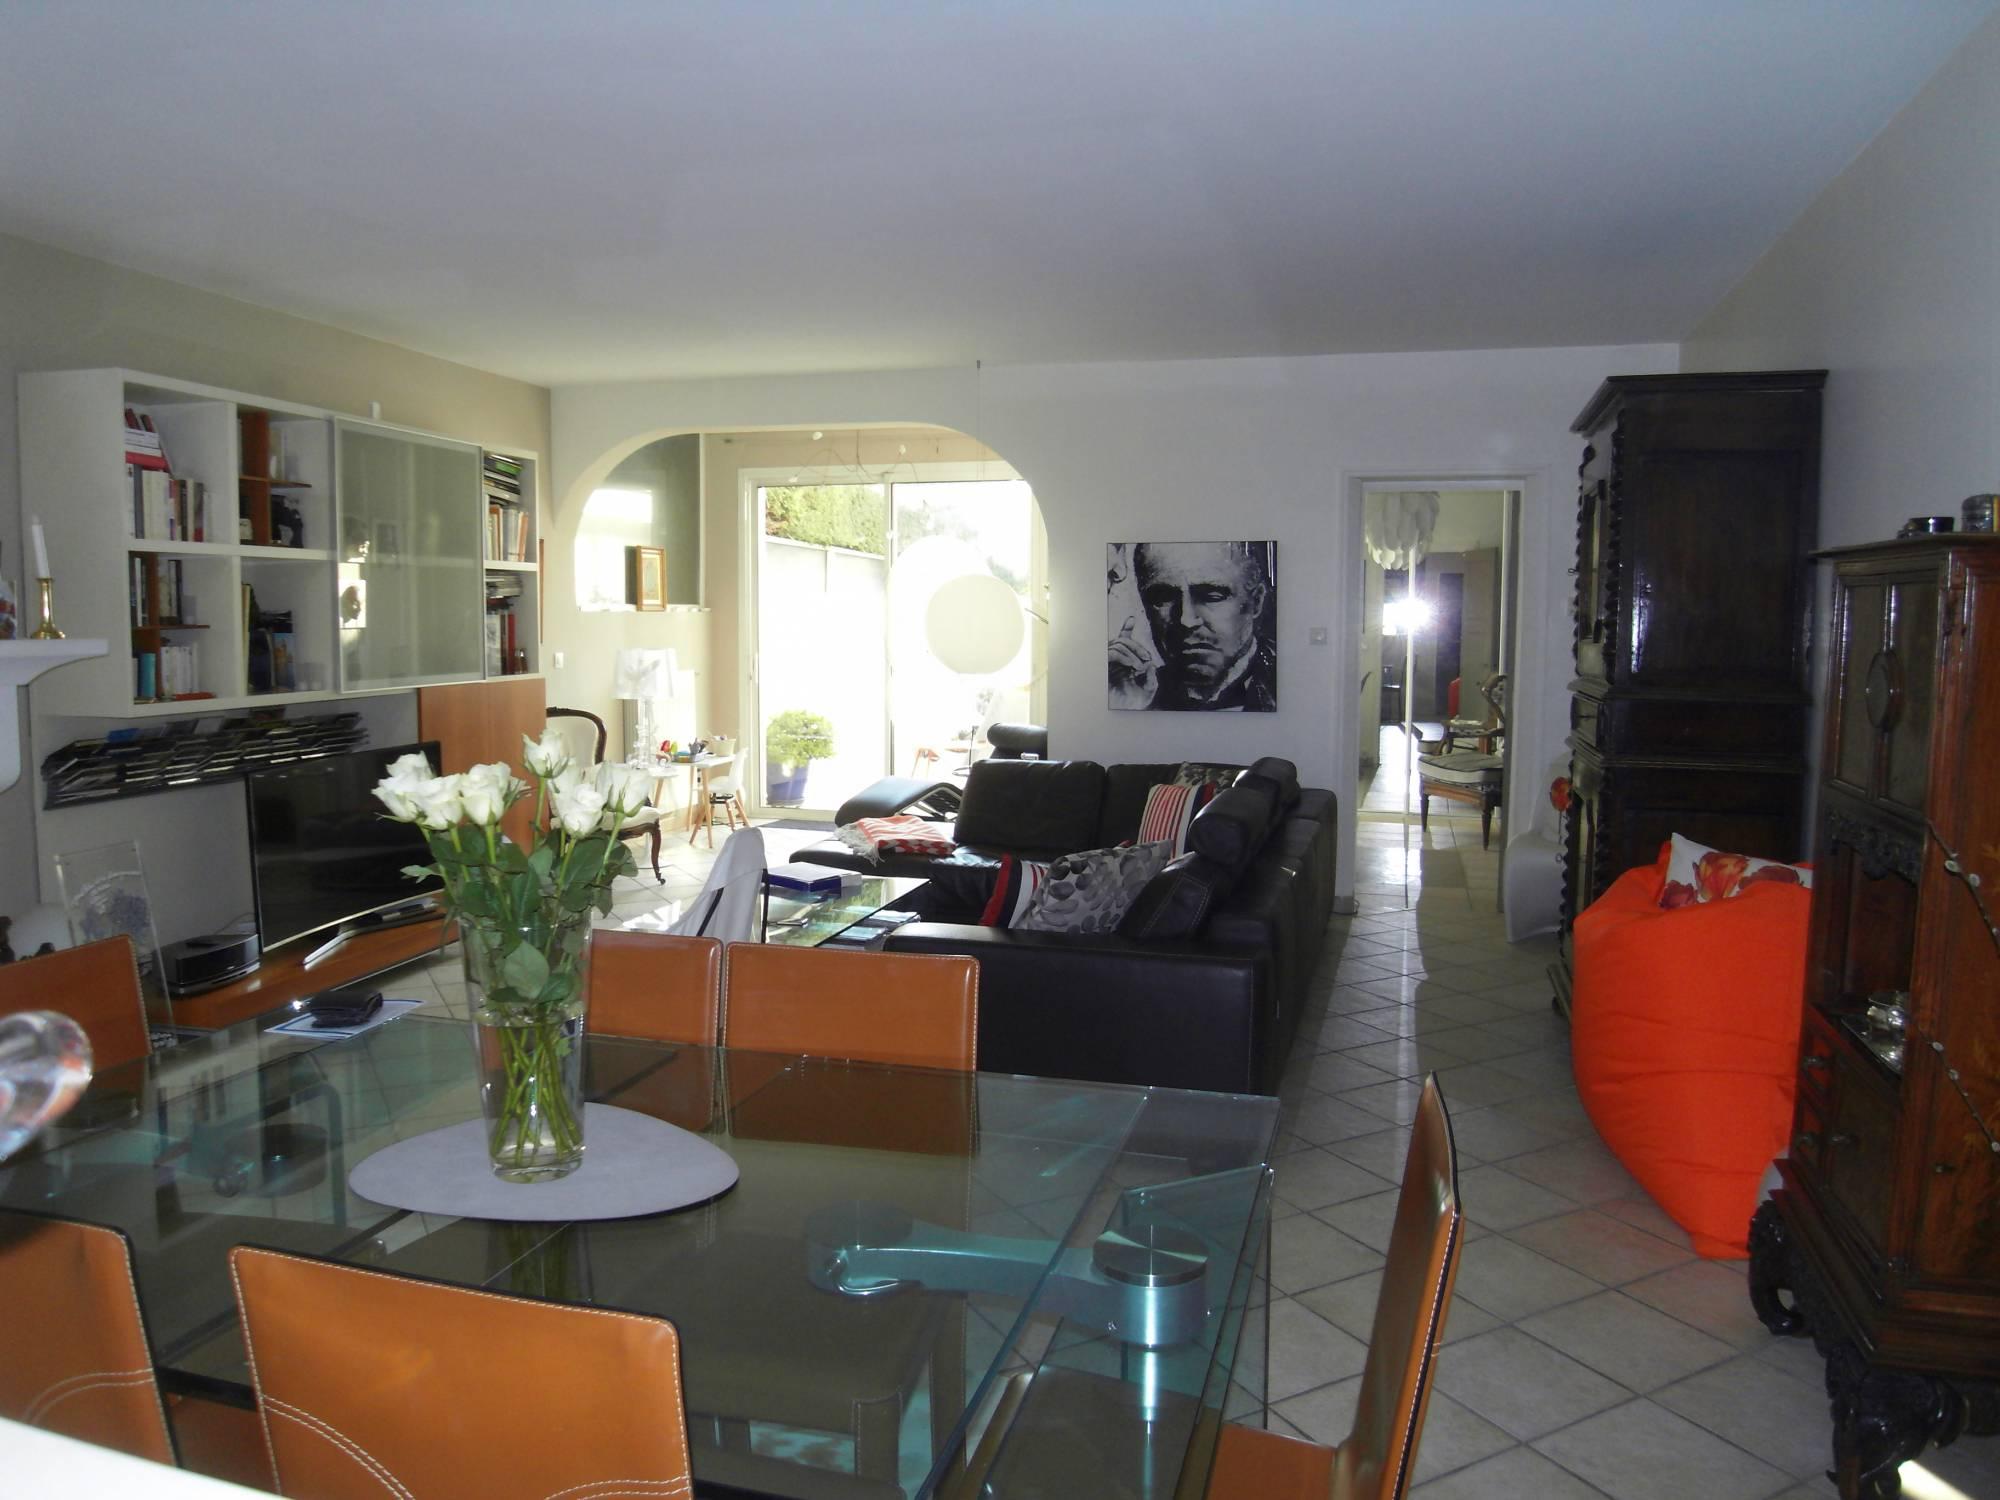 Agence immobili re marseille vente maison appartement - Bureau de poste marseille 13012 ...